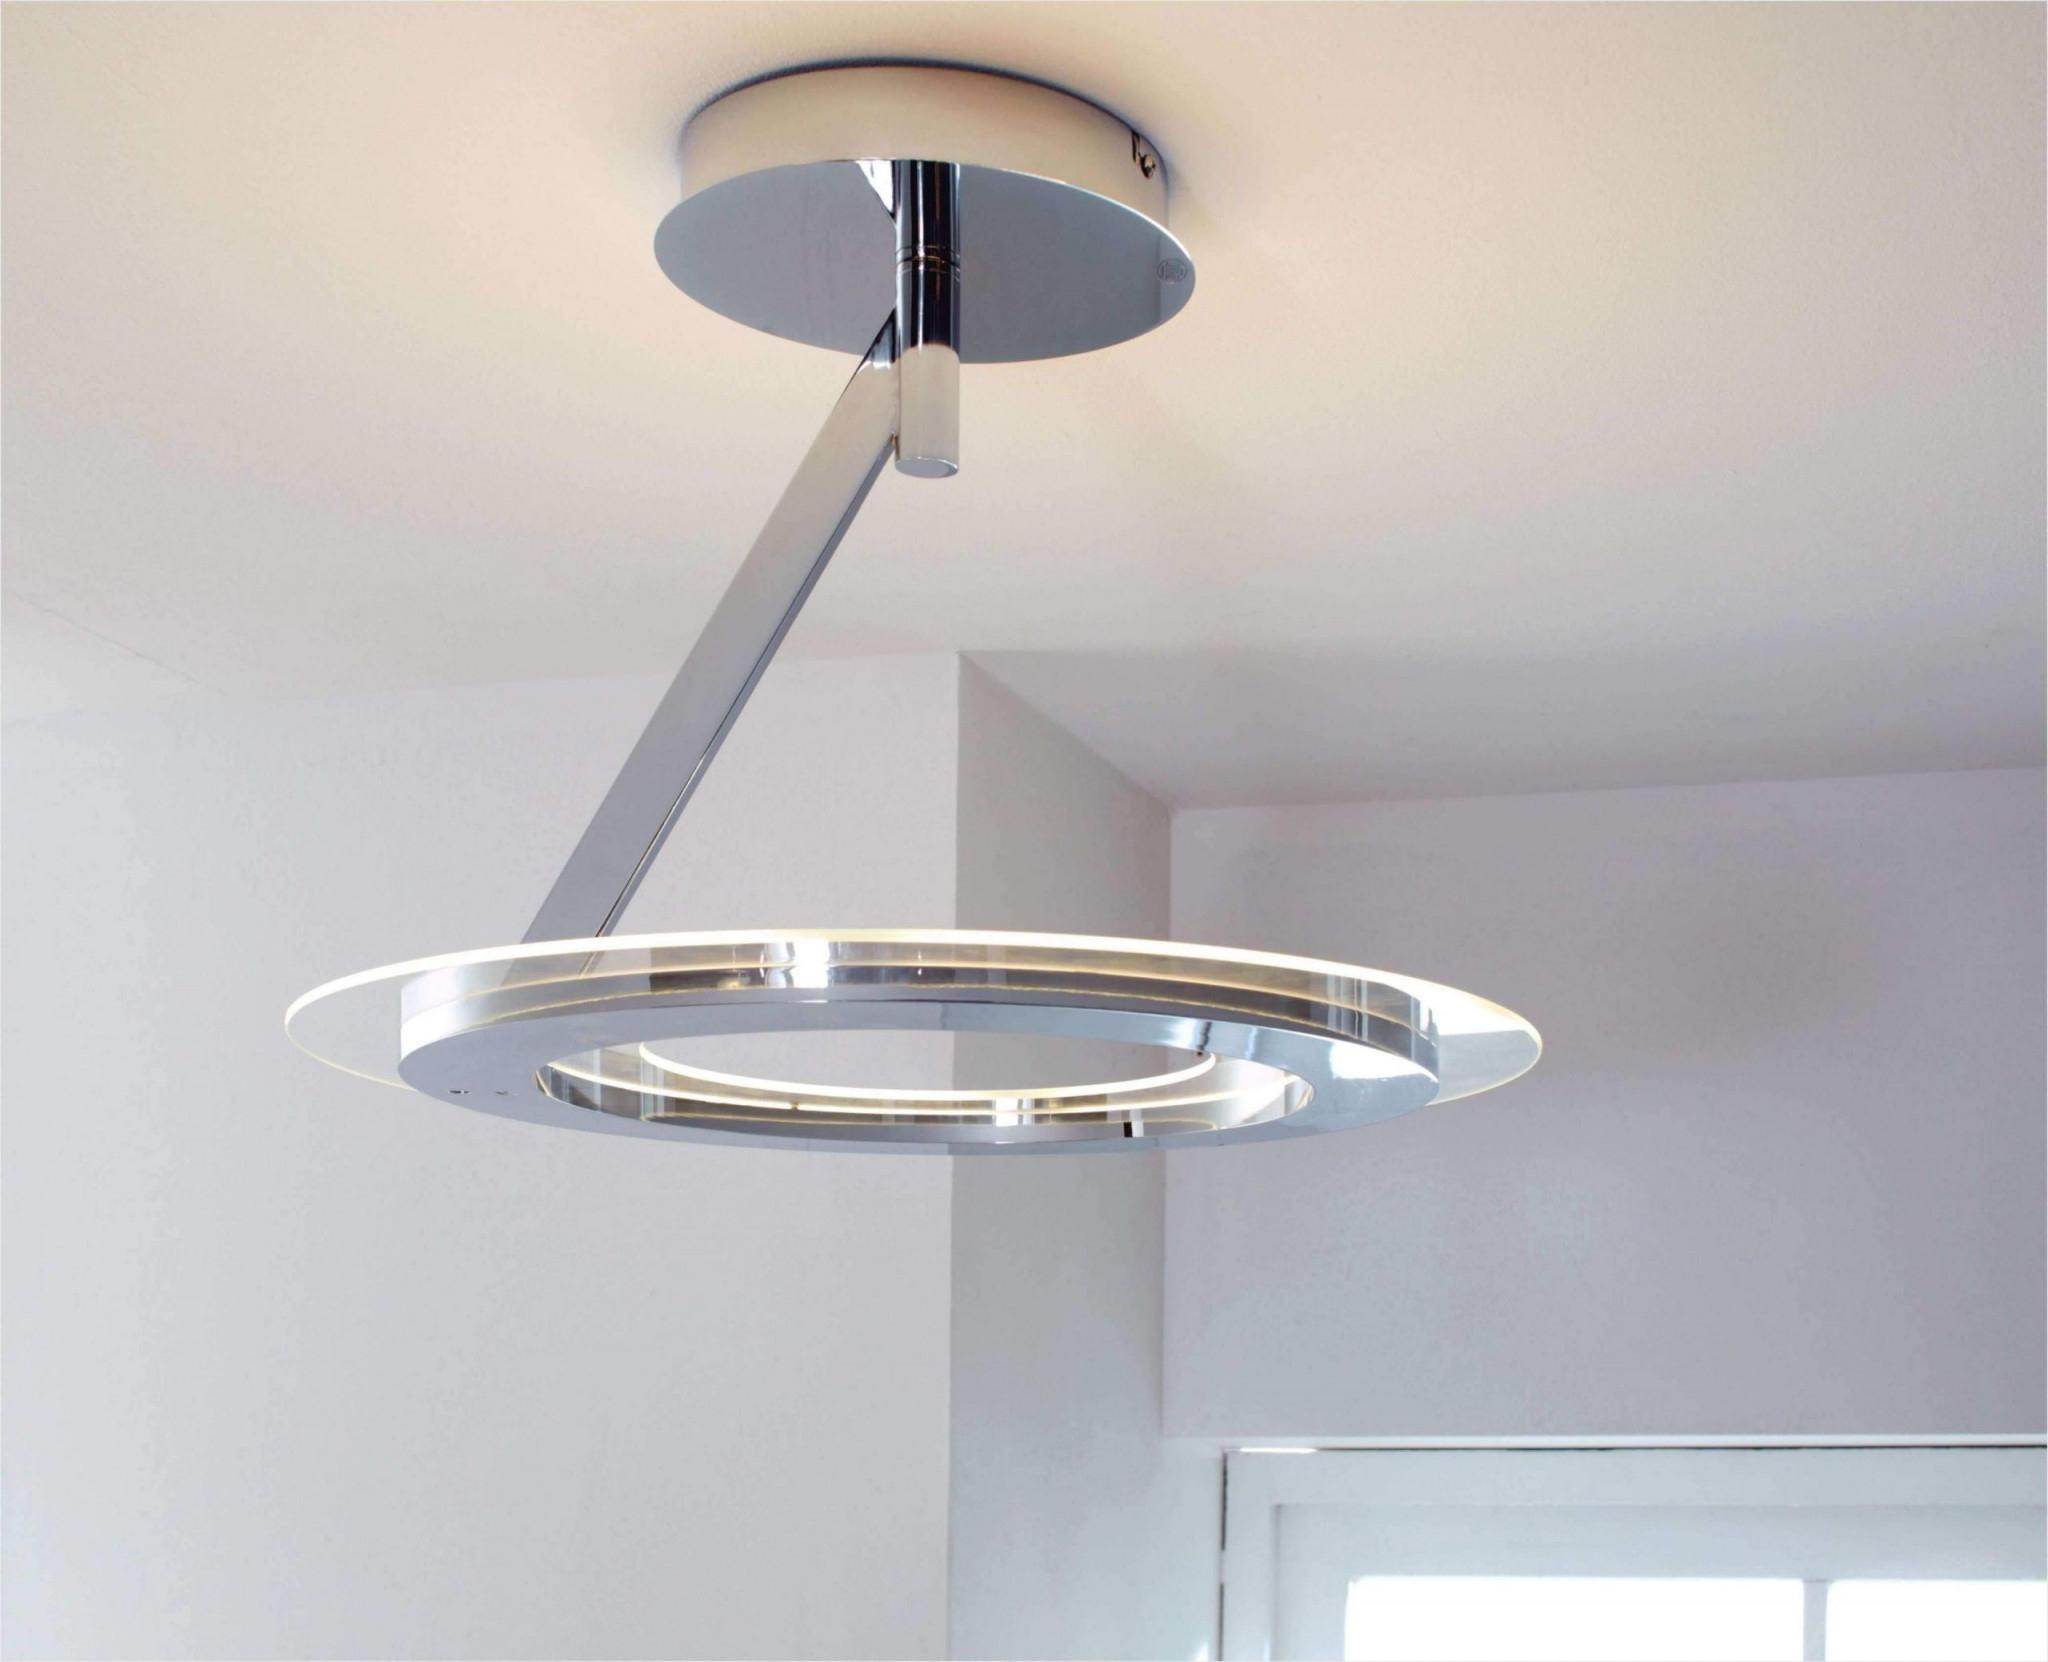 Deckenlampe Wohnzimmer von Deckenleuchte Wohnzimmer Led Photo